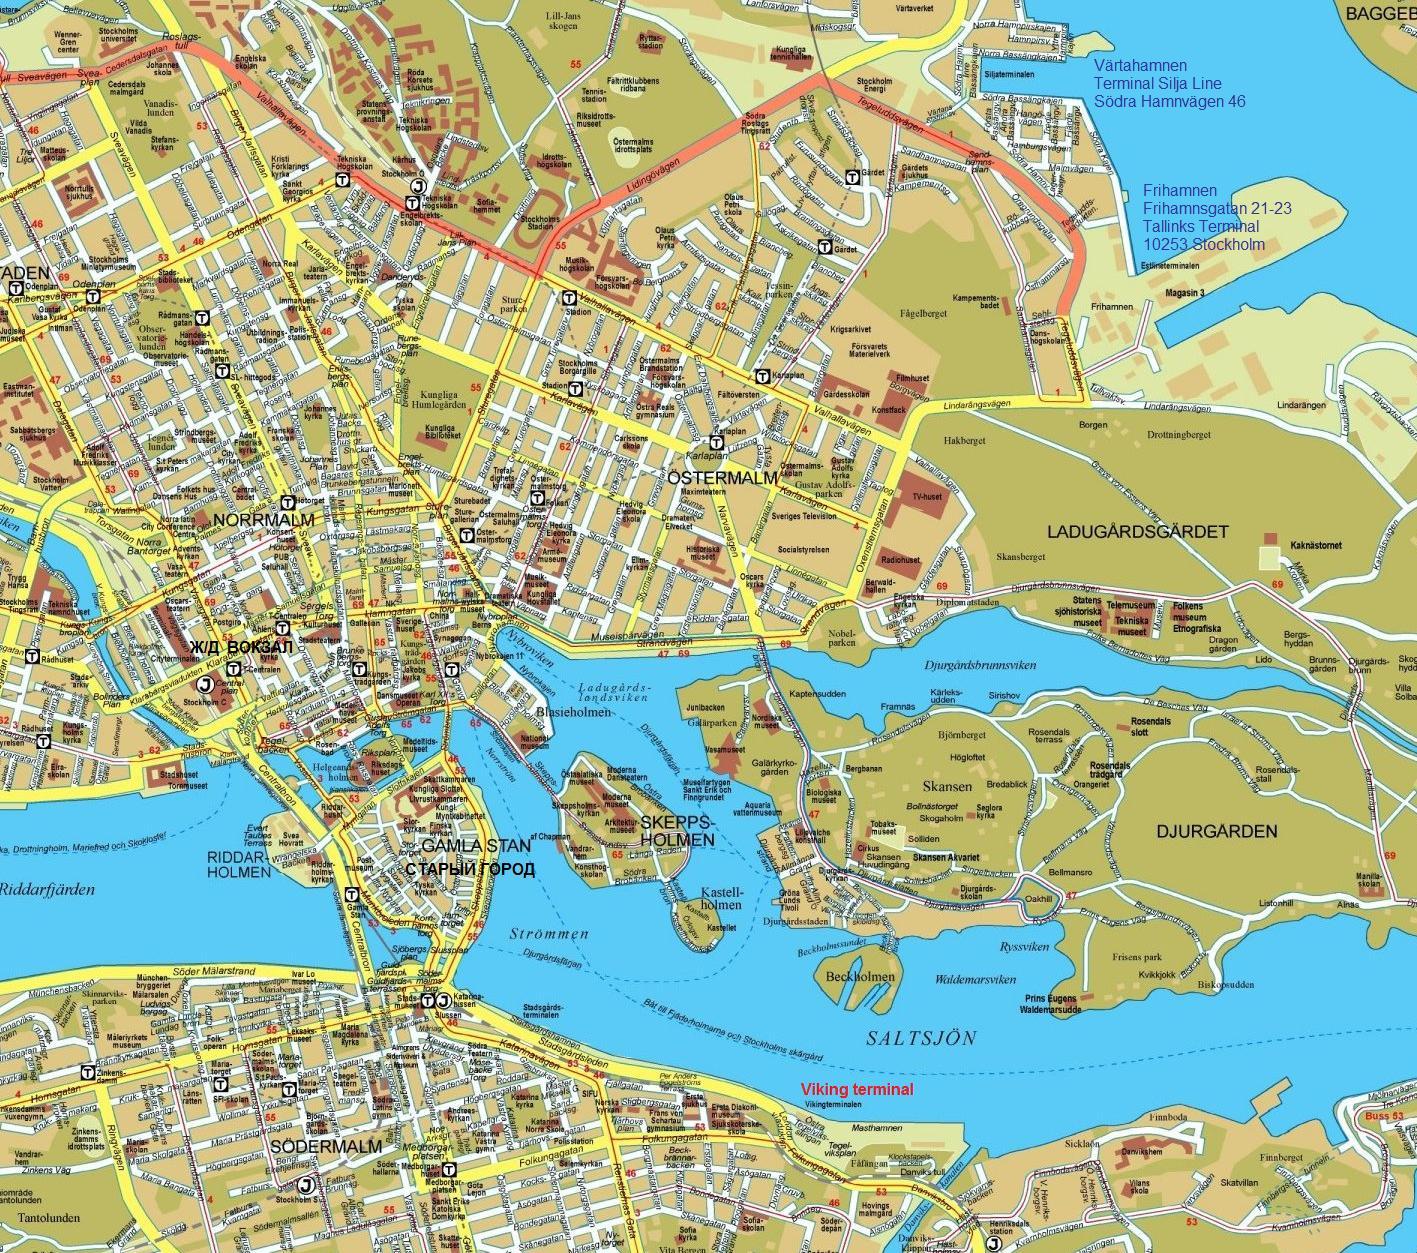 санкт петербург метро схема скачать